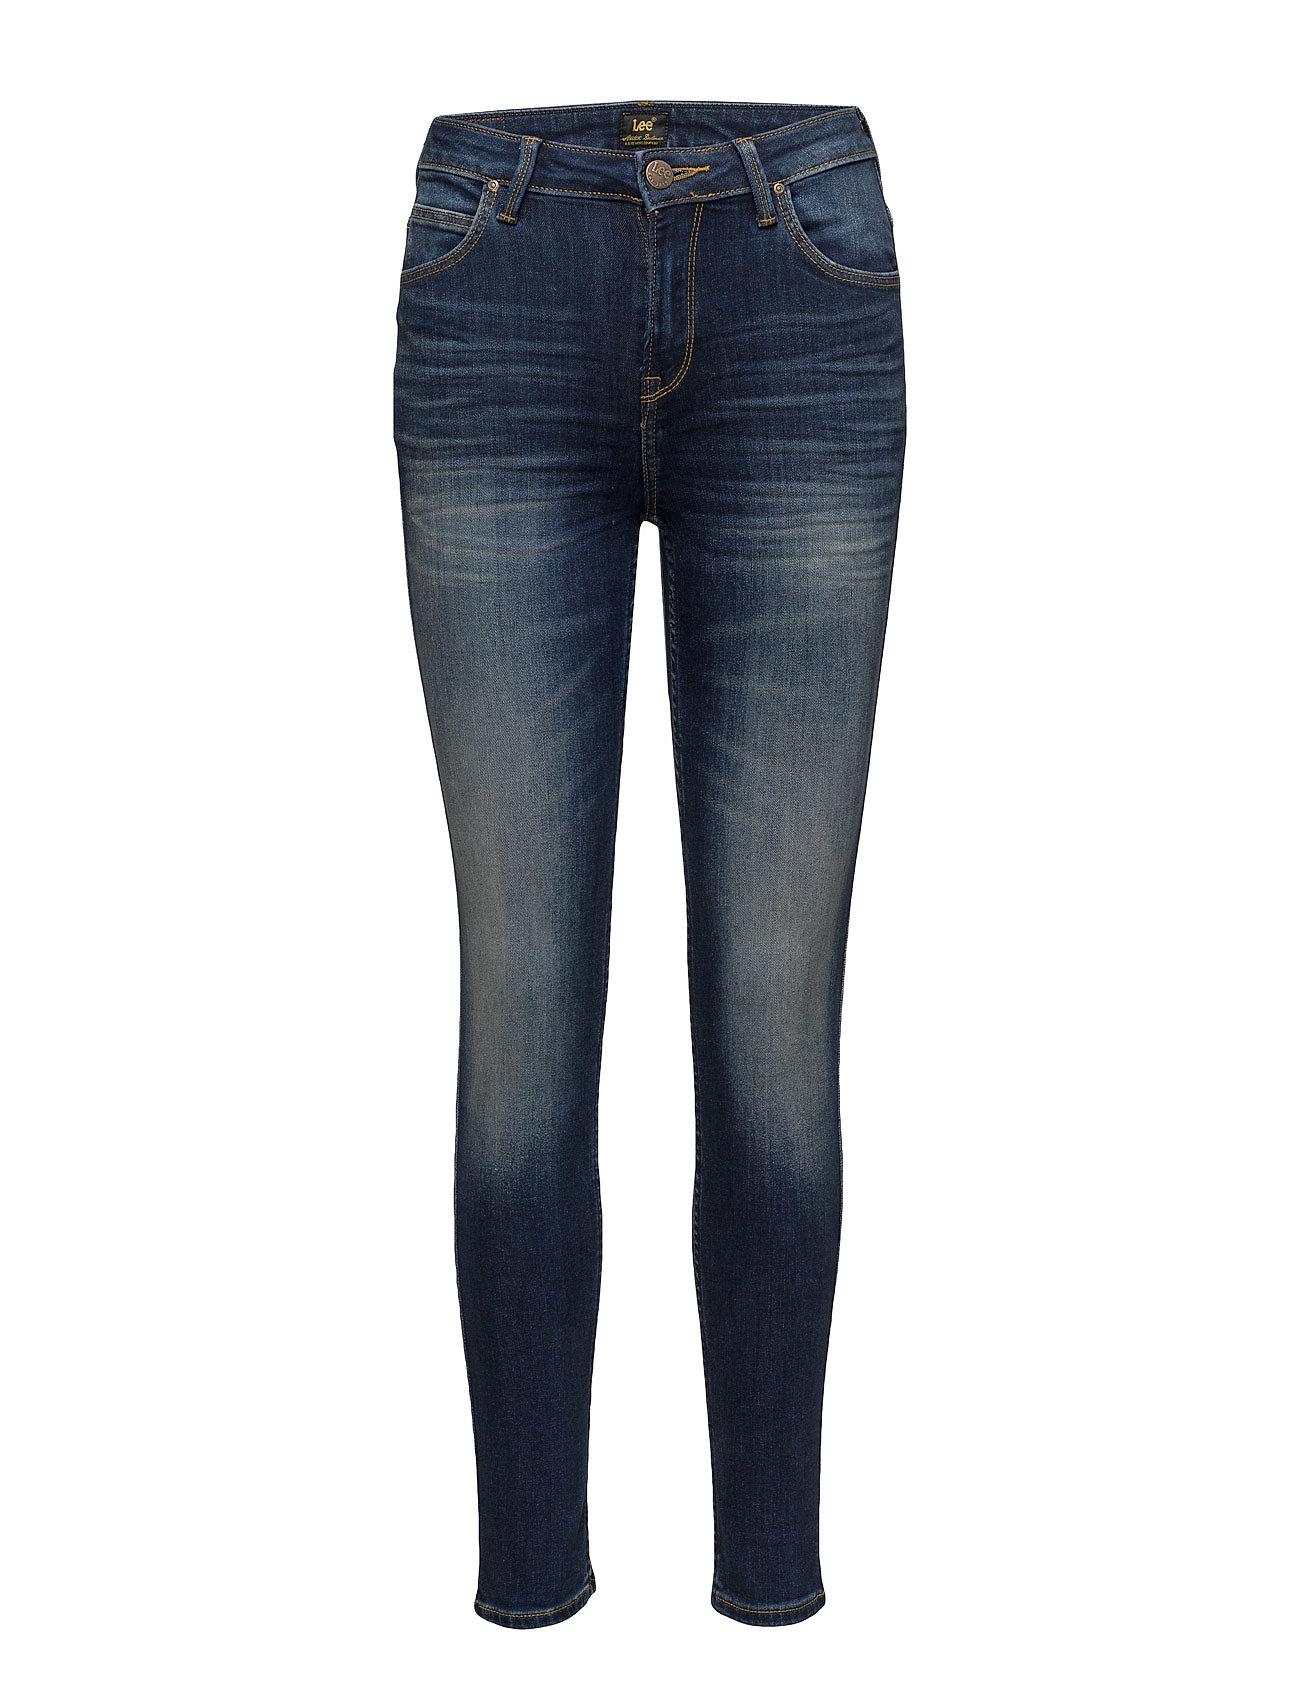 Jodee Blue Indigo Lee Jeans Jeans til Kvinder i Blå Indigo